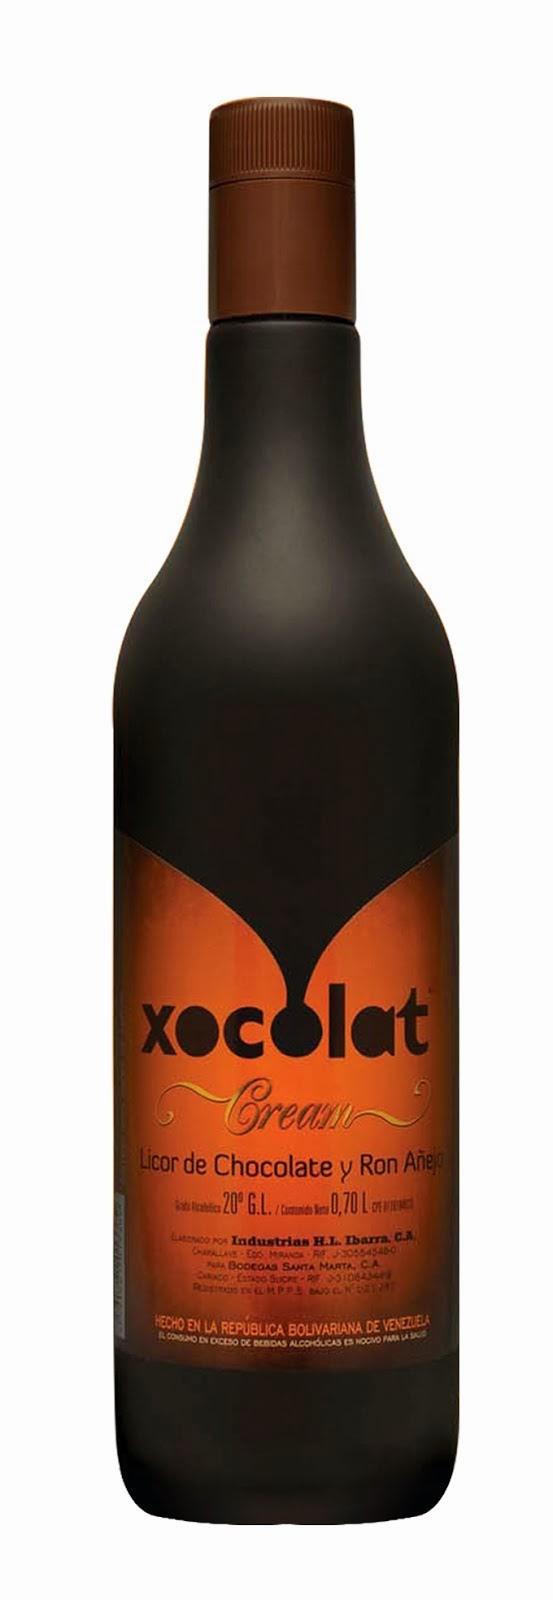 Xocolat:  Una crema de ron añejo y chocolate venezolano